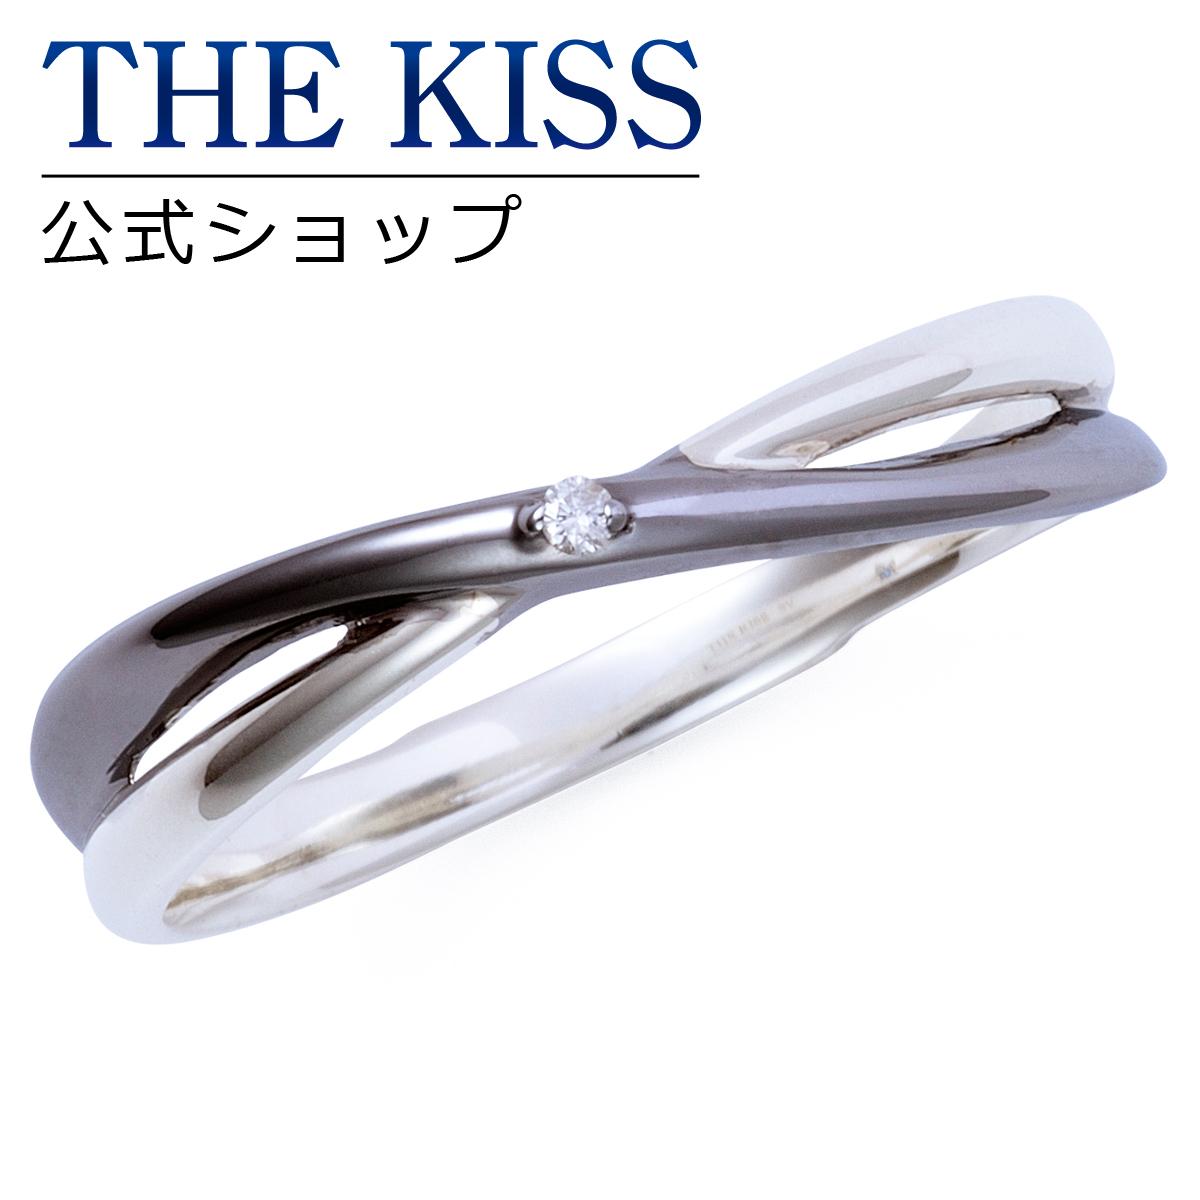 【あす楽対応】THE KISS 公式サイト シルバー ペアリング ( メンズ 単品 ) ペアアクセサリー カップル に 人気 の ジュエリーブランド THEKISS ペア リング・指輪 記念日 プレゼント 2016-01RBK-DM ザキス 【送料無料】